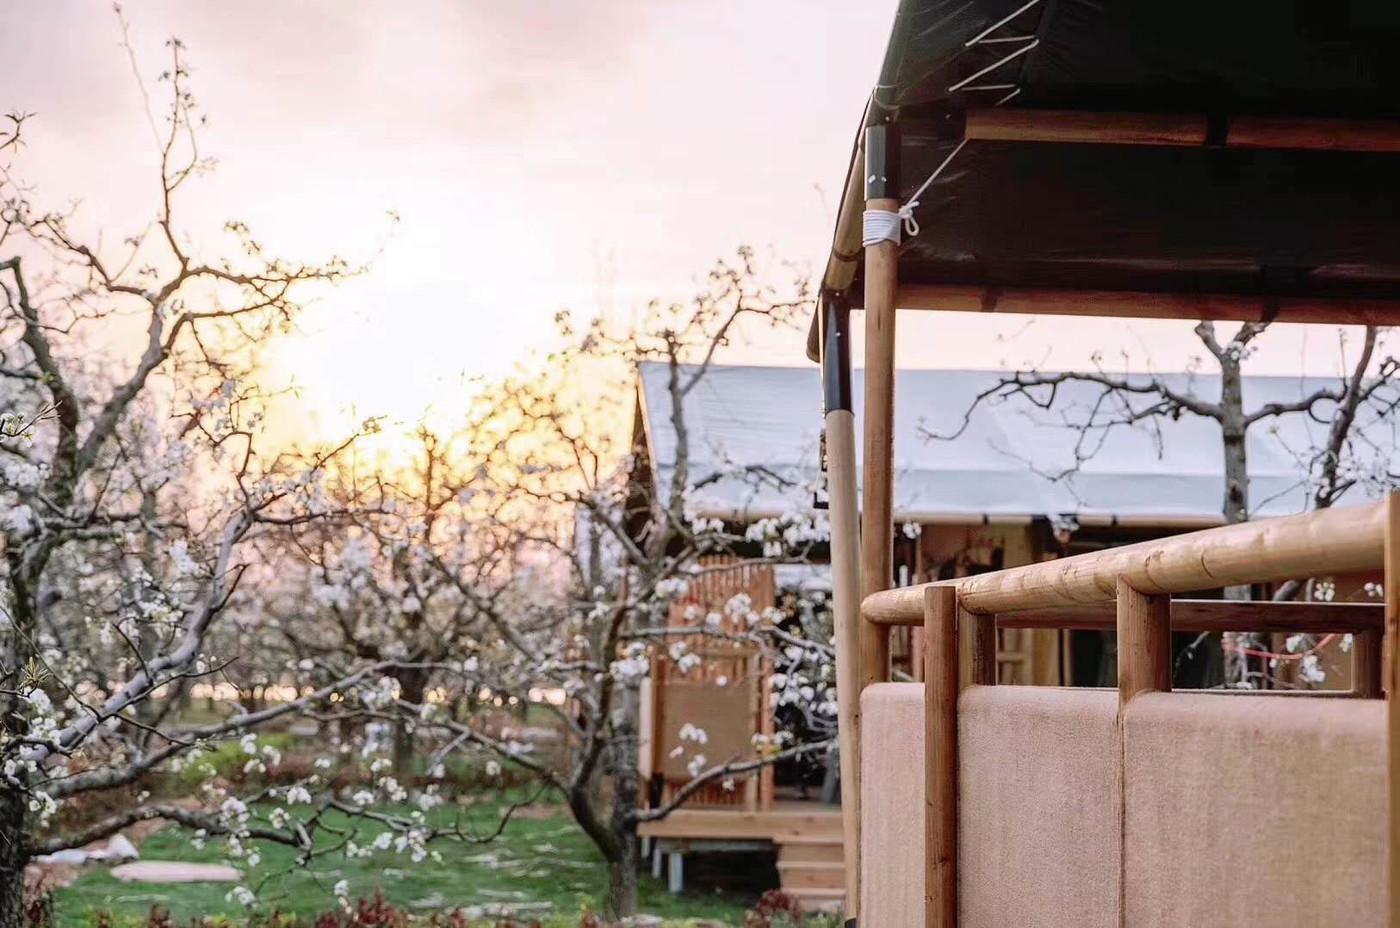 喜马拉雅野奢帐篷酒店—安徽砀山东篱蓬芦梨园帐篷酒店1